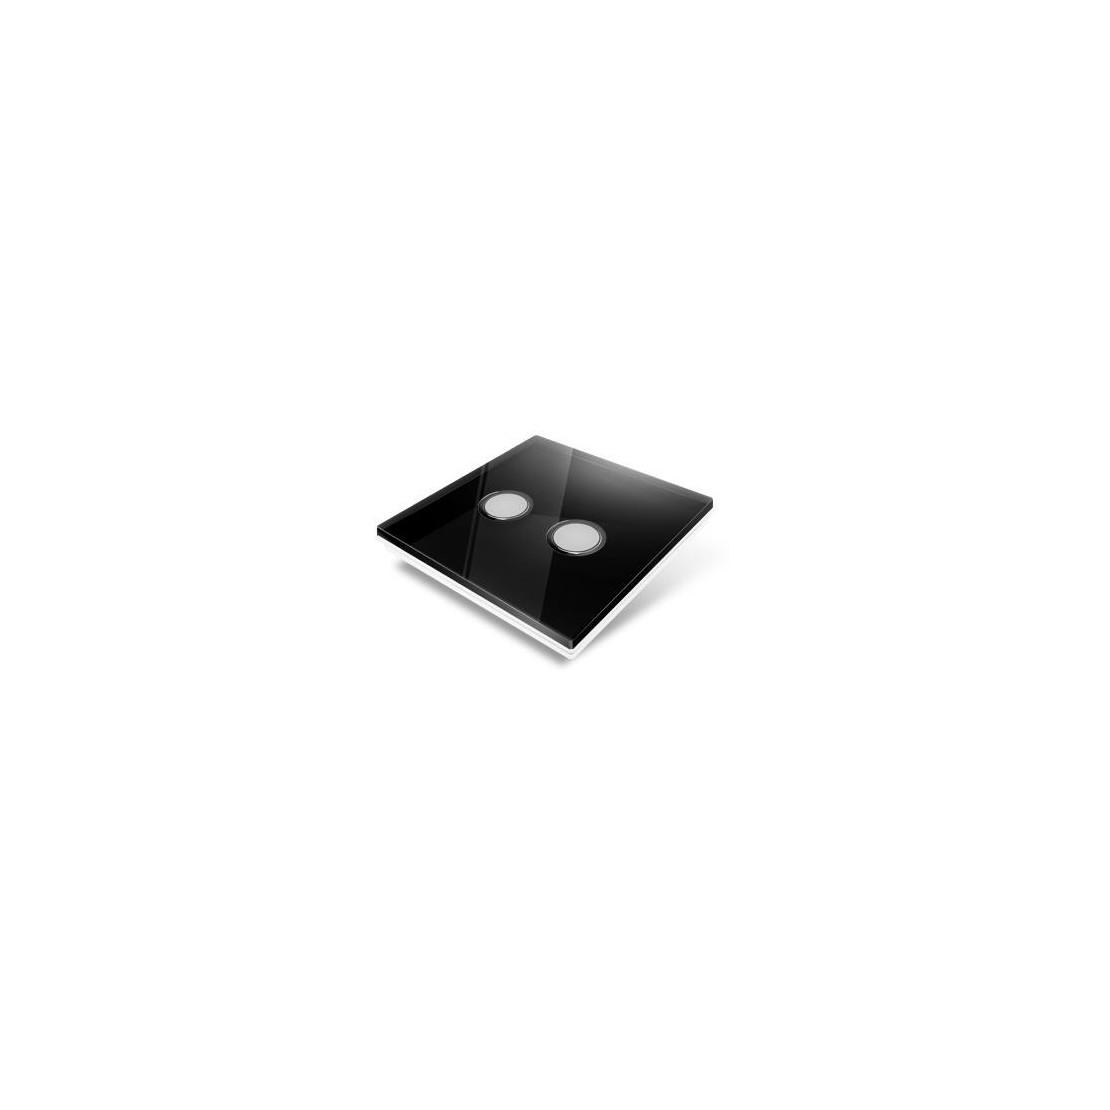 Plaque de recouvrement pour interrupteur Edisio - plastique Noir